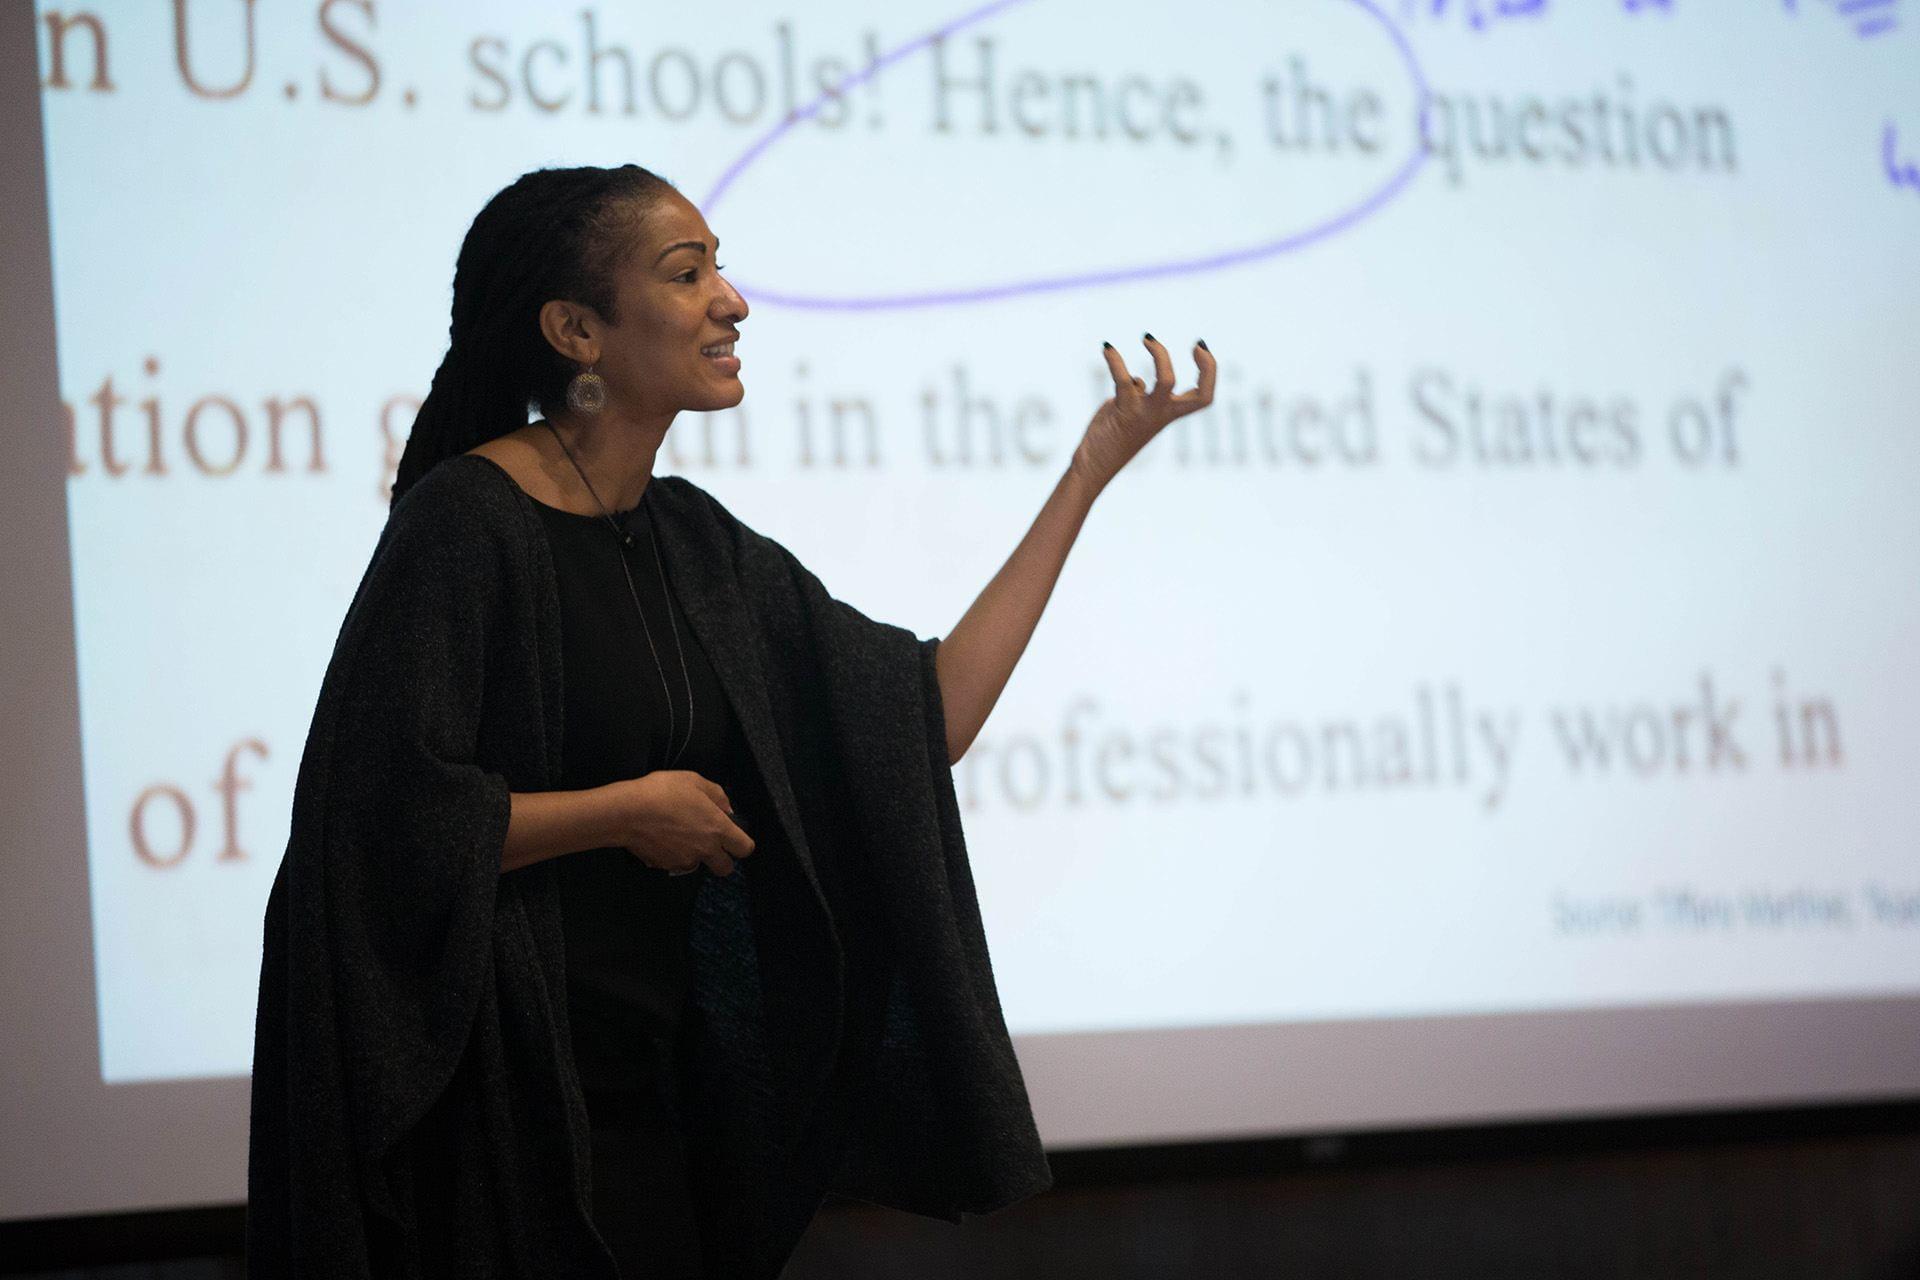 Keynote speaker Ruha Benjamin speaks before the TEACHx audience.